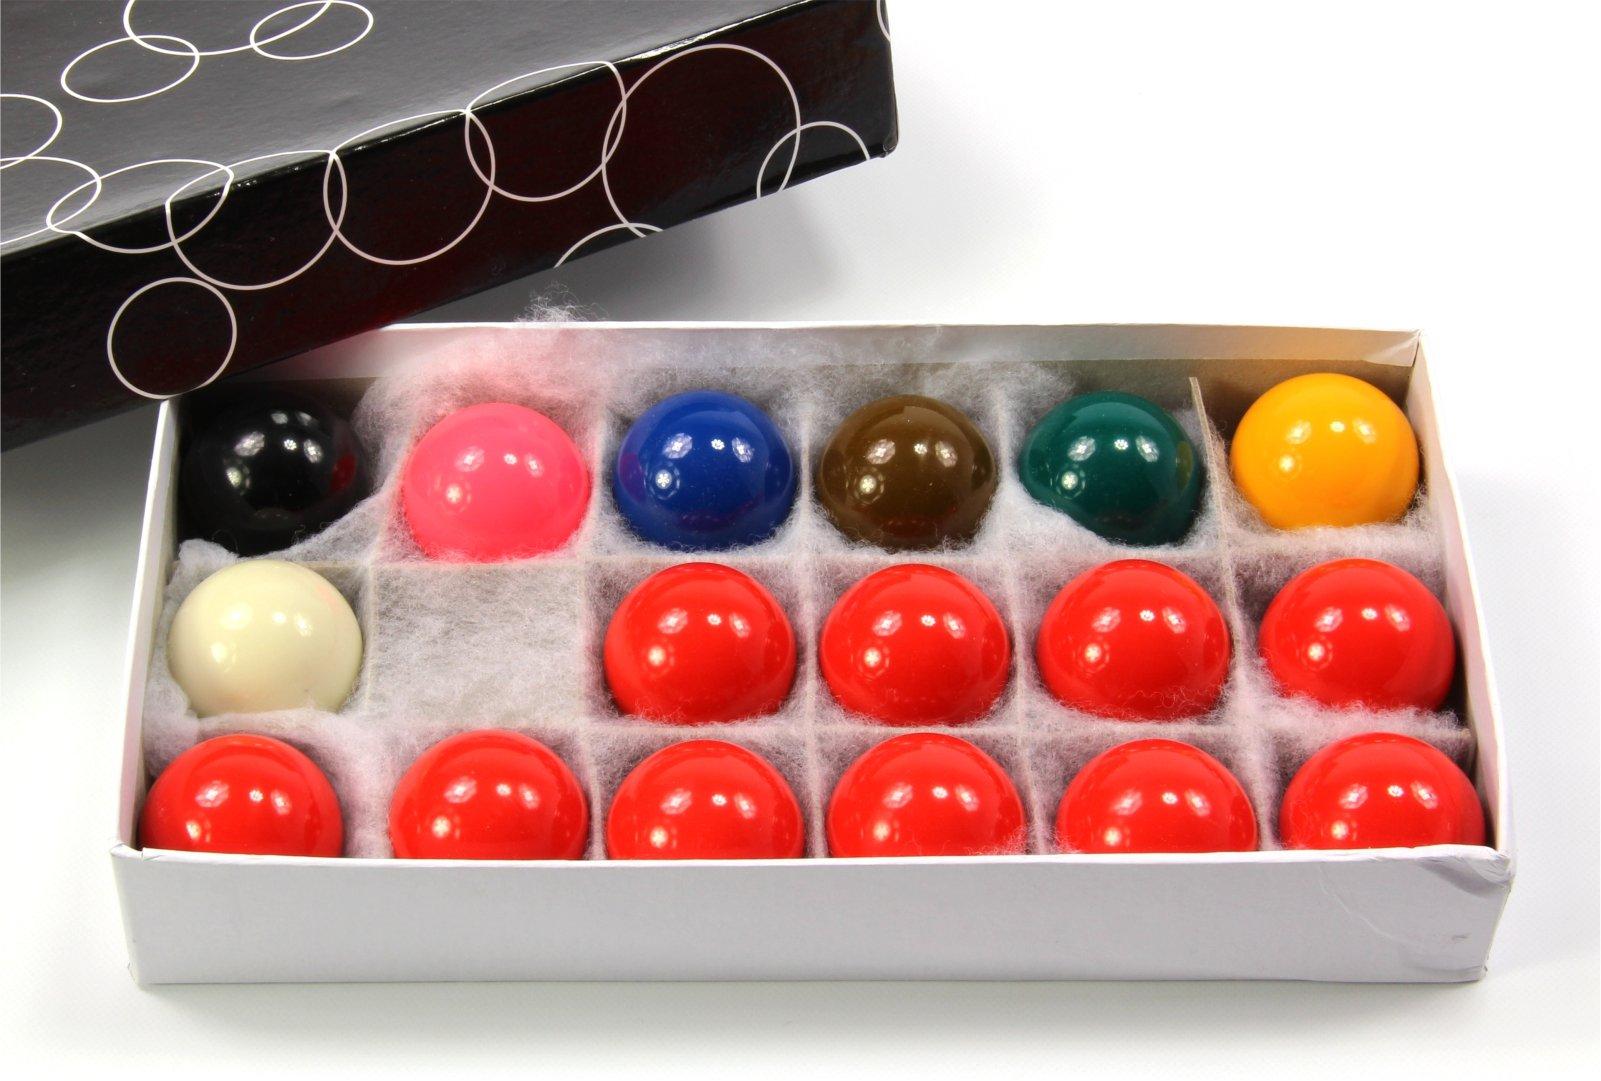 Economía bolas de billar 17 juego de bolas 1 5/8 inch (41 mm): Amazon.es: Deportes y aire libre